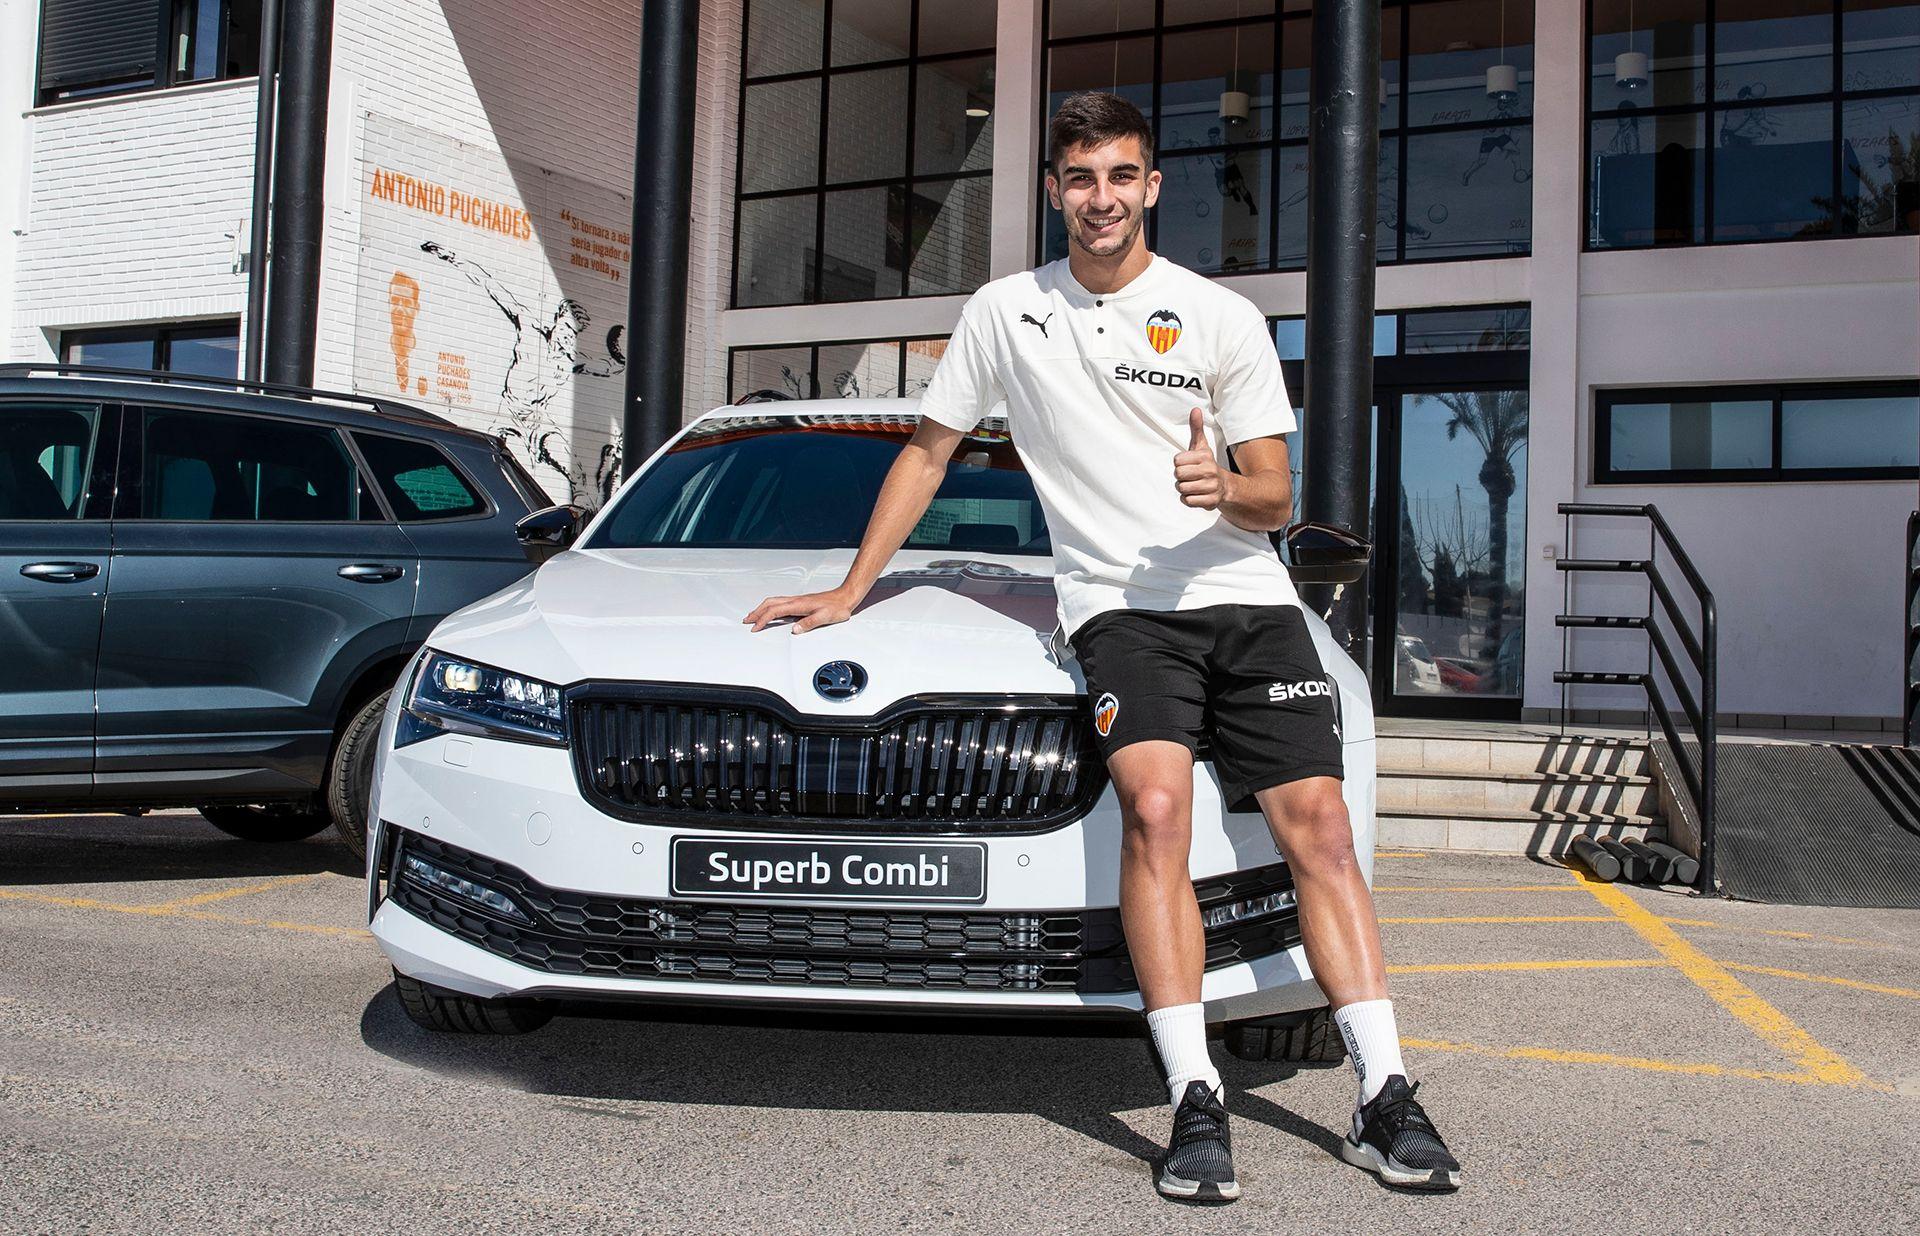 Skoda completa la entrega de vehículos oficiales al Valencia CF